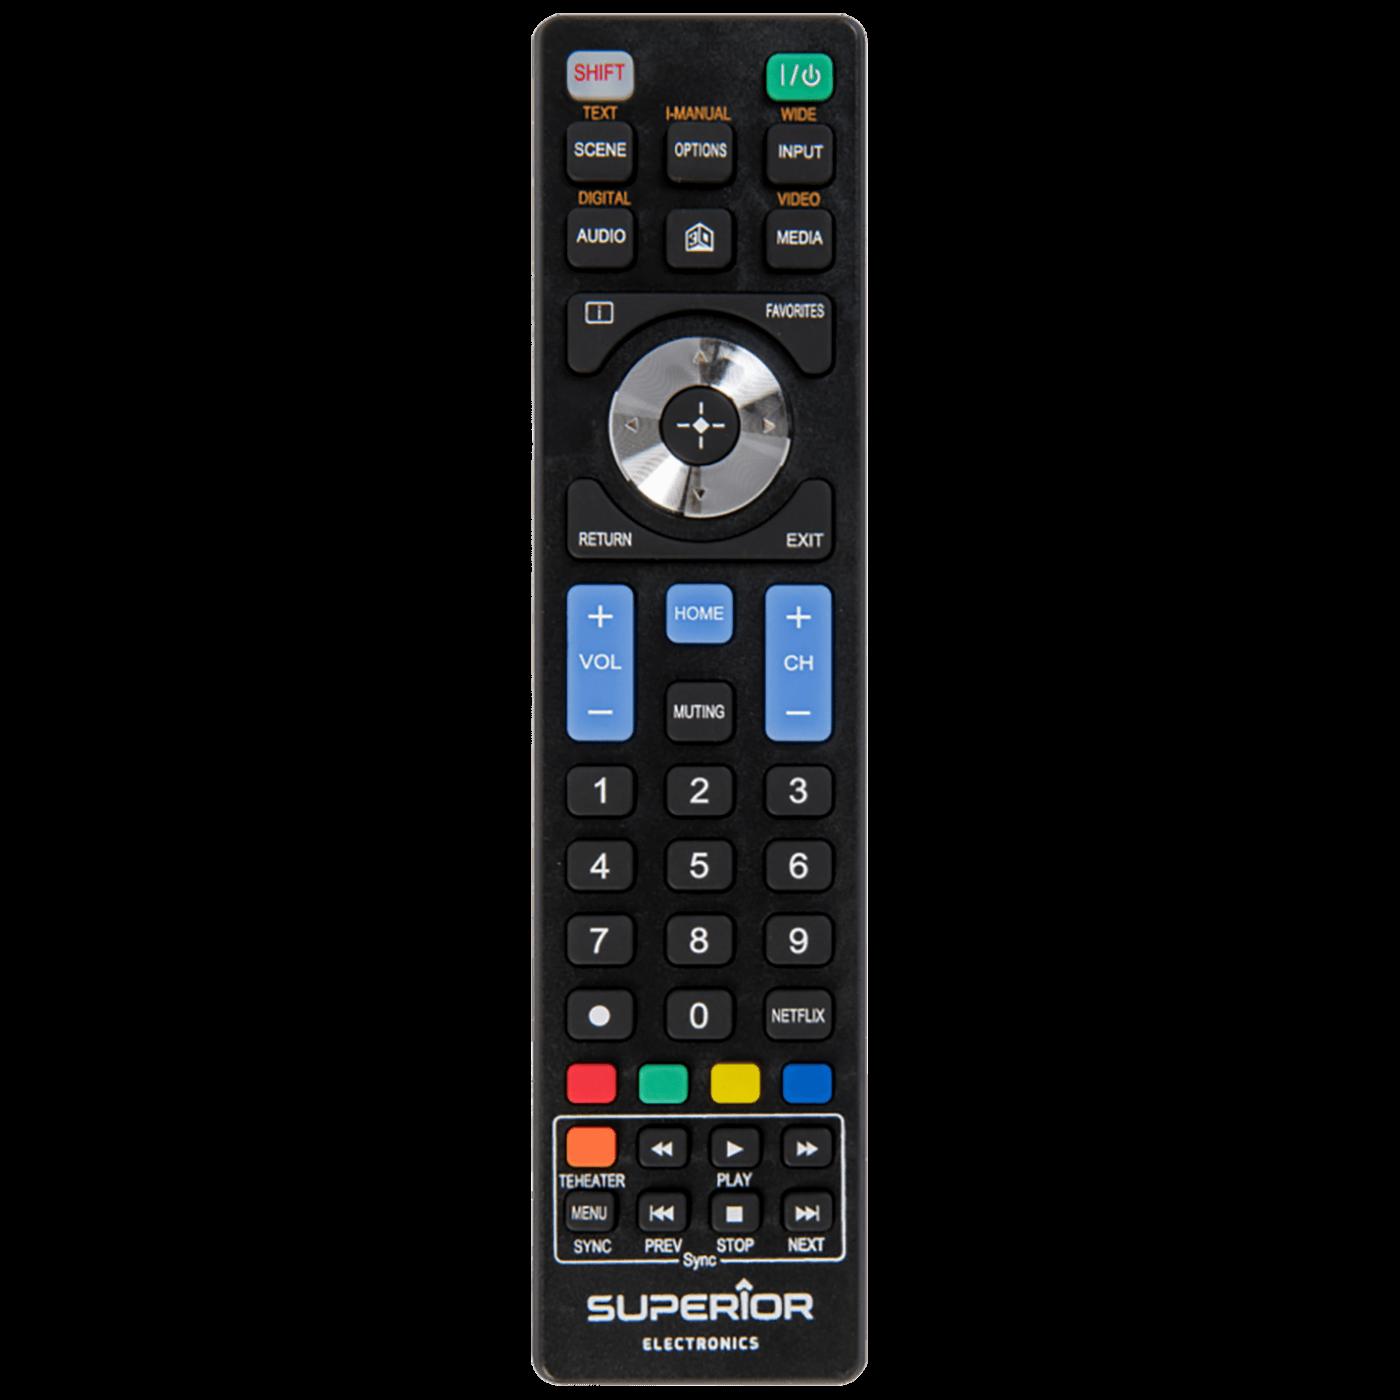 Daljinski upravljač za Sony TV prijemnike, White Edition